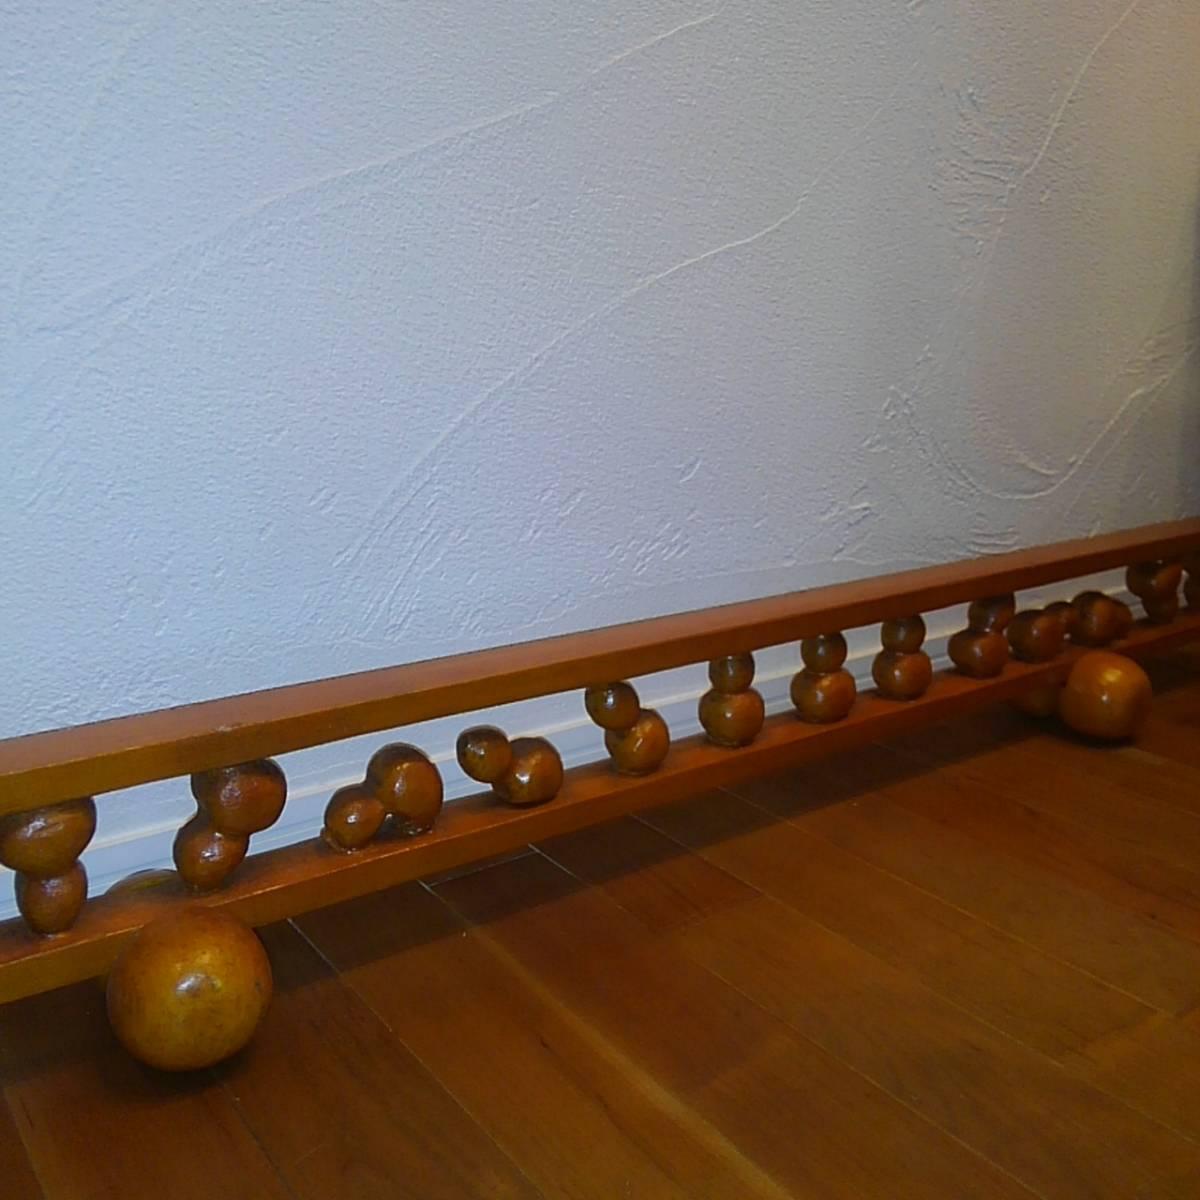 ◆幸◆ 木彫り 結界 瓢箪 約104.5cm×14cm(高さ)×12cm(奥行)_画像7